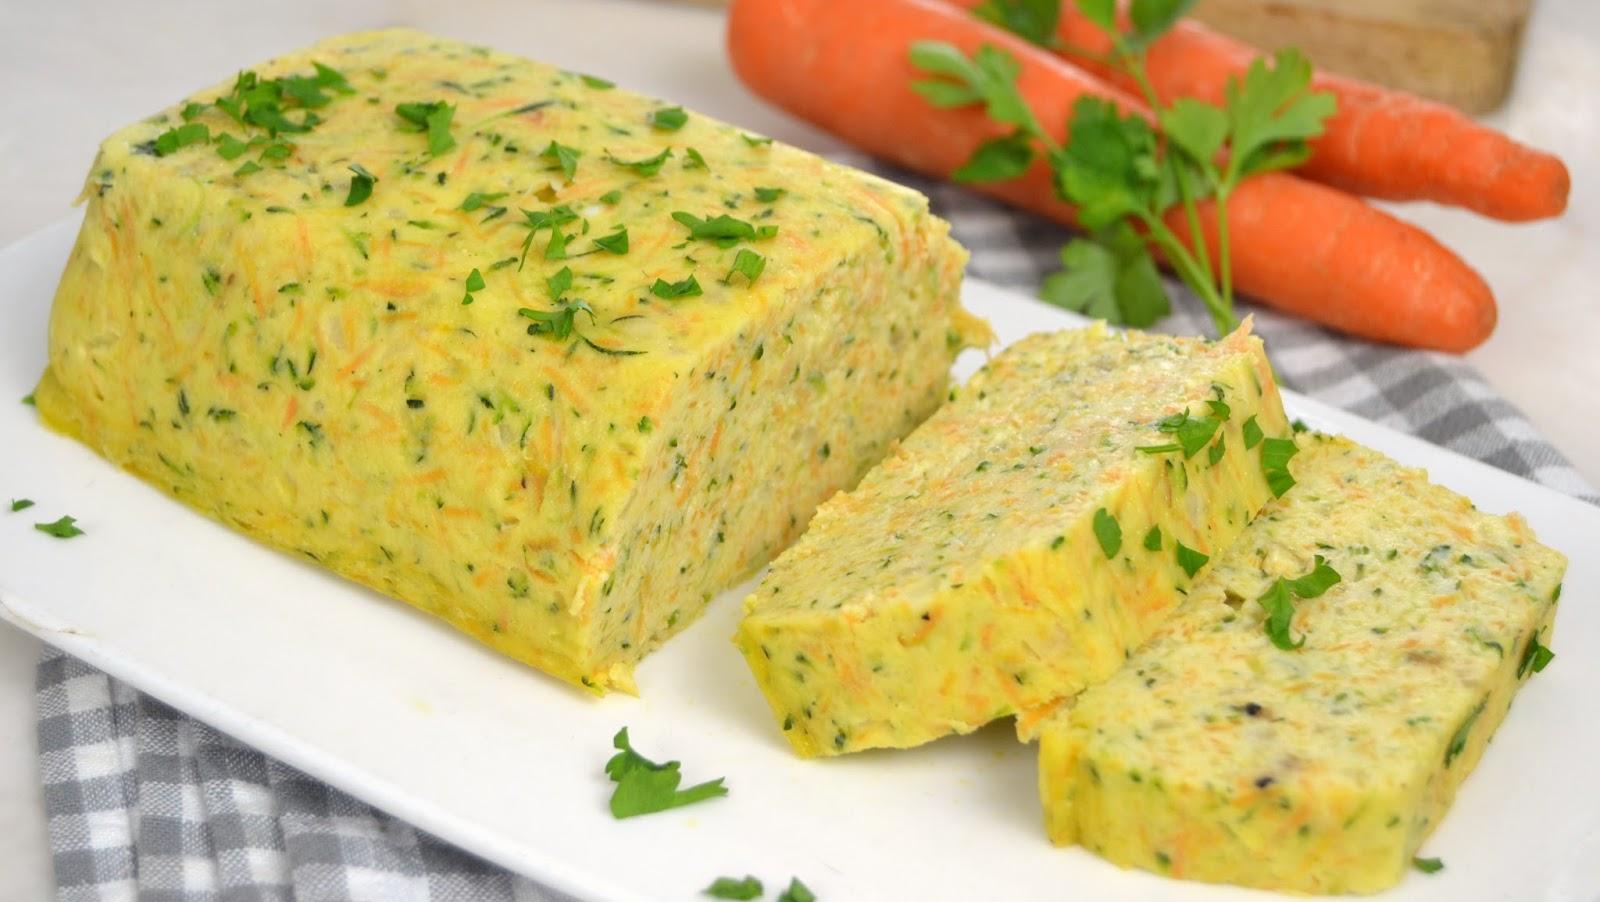 Recetas De Cocina Con Microondas   Pastel De Verduras Al Microondas Cuuking Recetas De Cocina